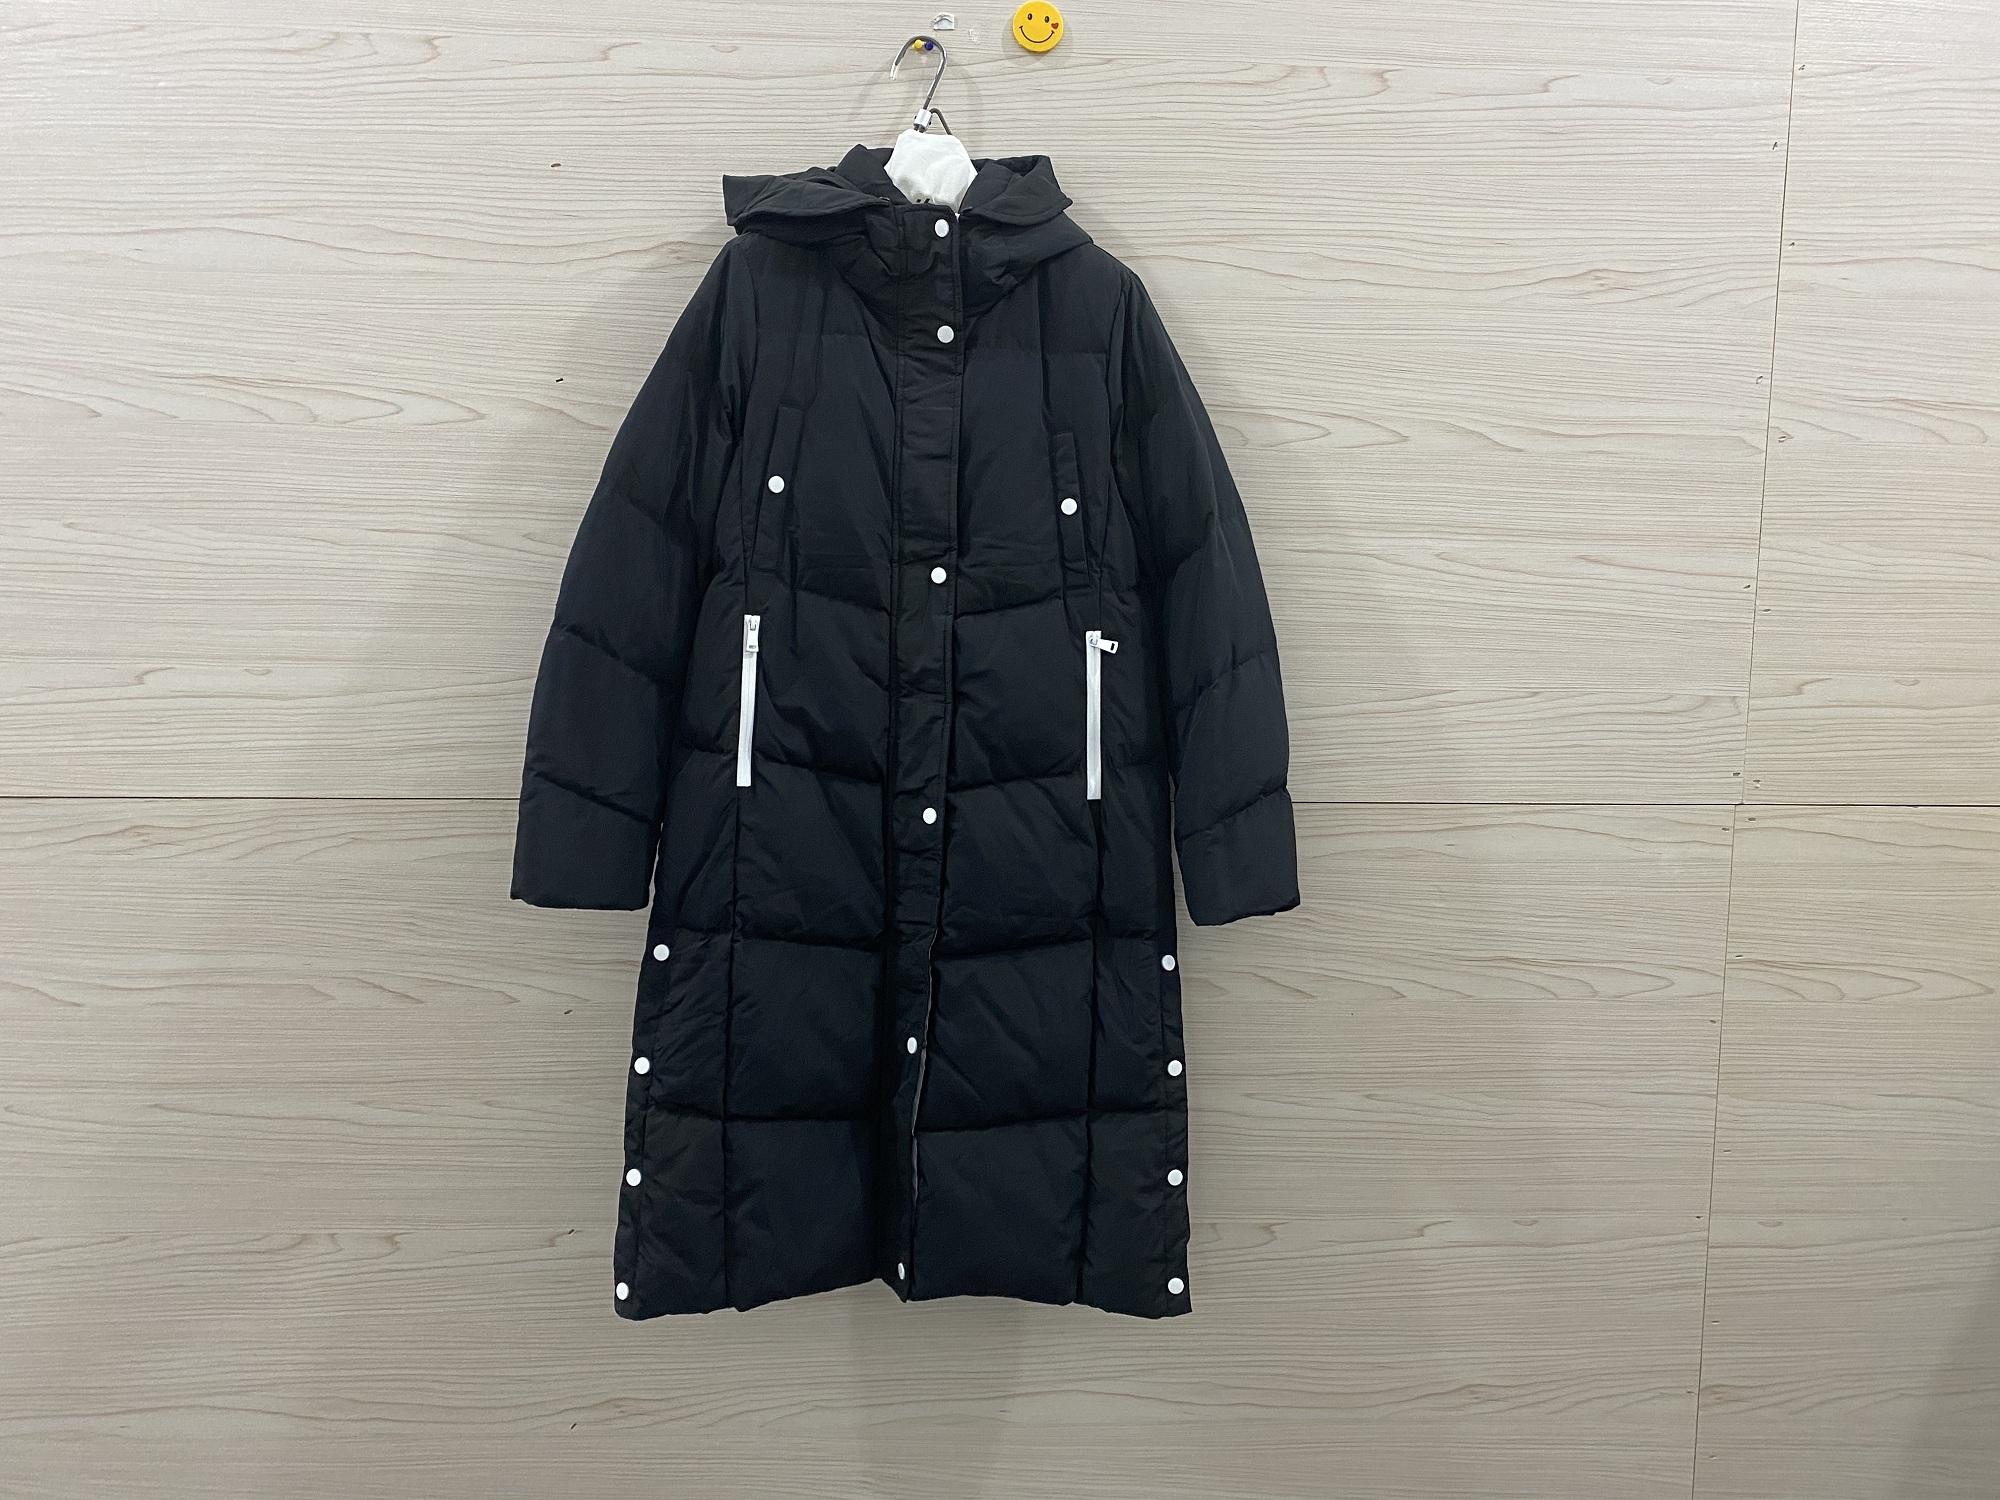 Áo khoác dạ nữ mùa đông thời trang dài đơn giản - Xuống áo khoác